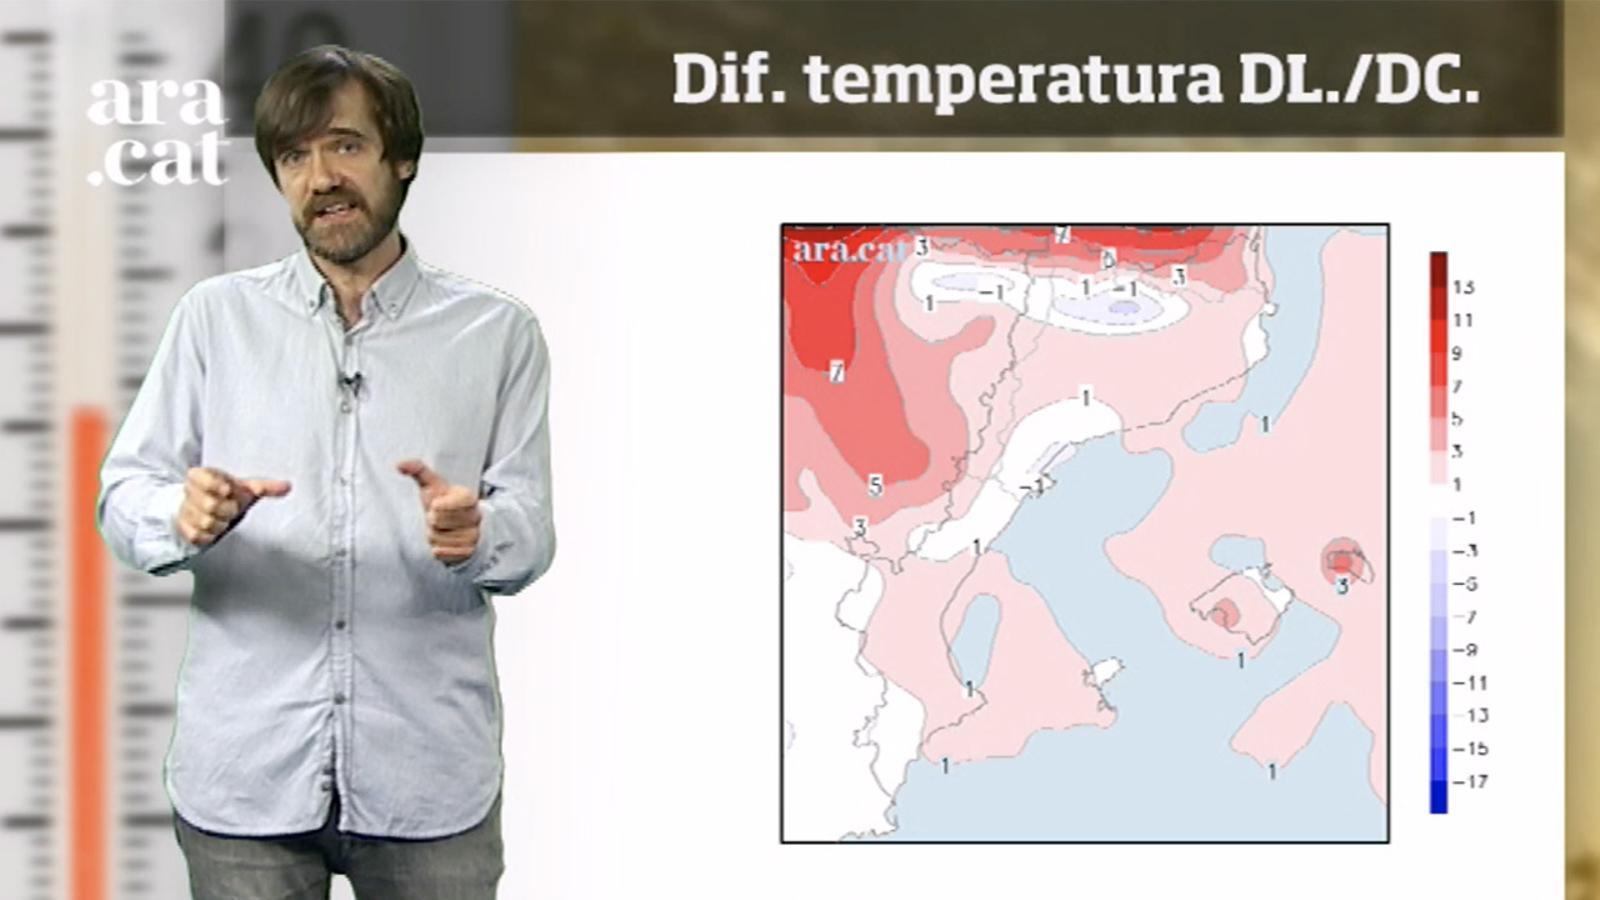 La méteo en 1 minut: calor intensa per primer cop aquest any